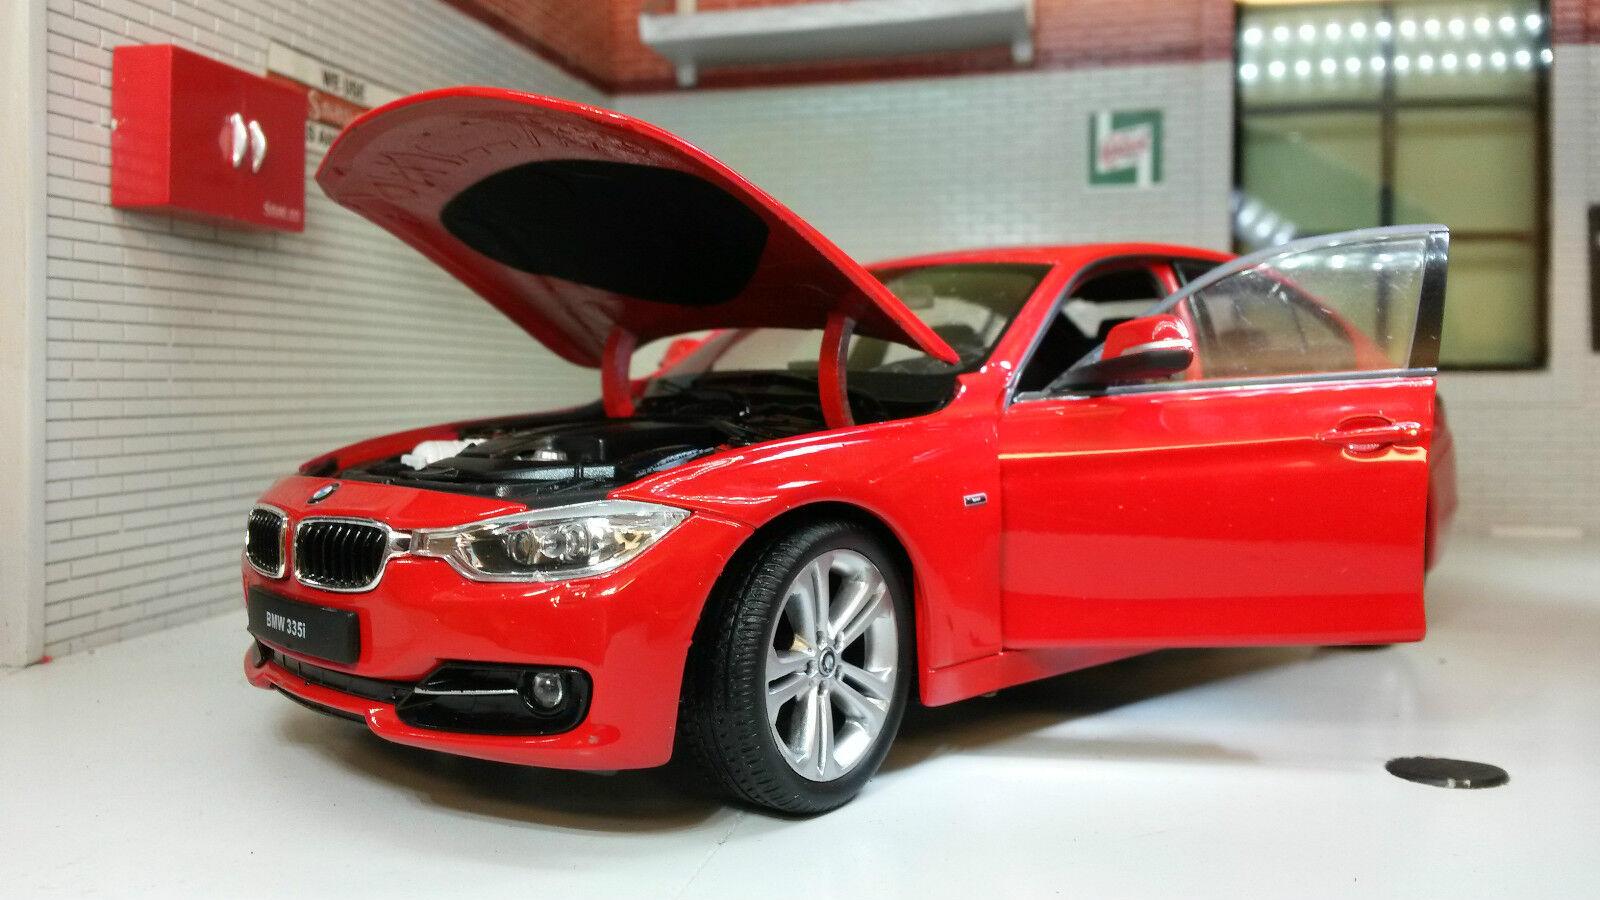 G LGB 1 24 Echelle Rouge BMW Série 3 335i F30 24039 Très Détaillé Welly